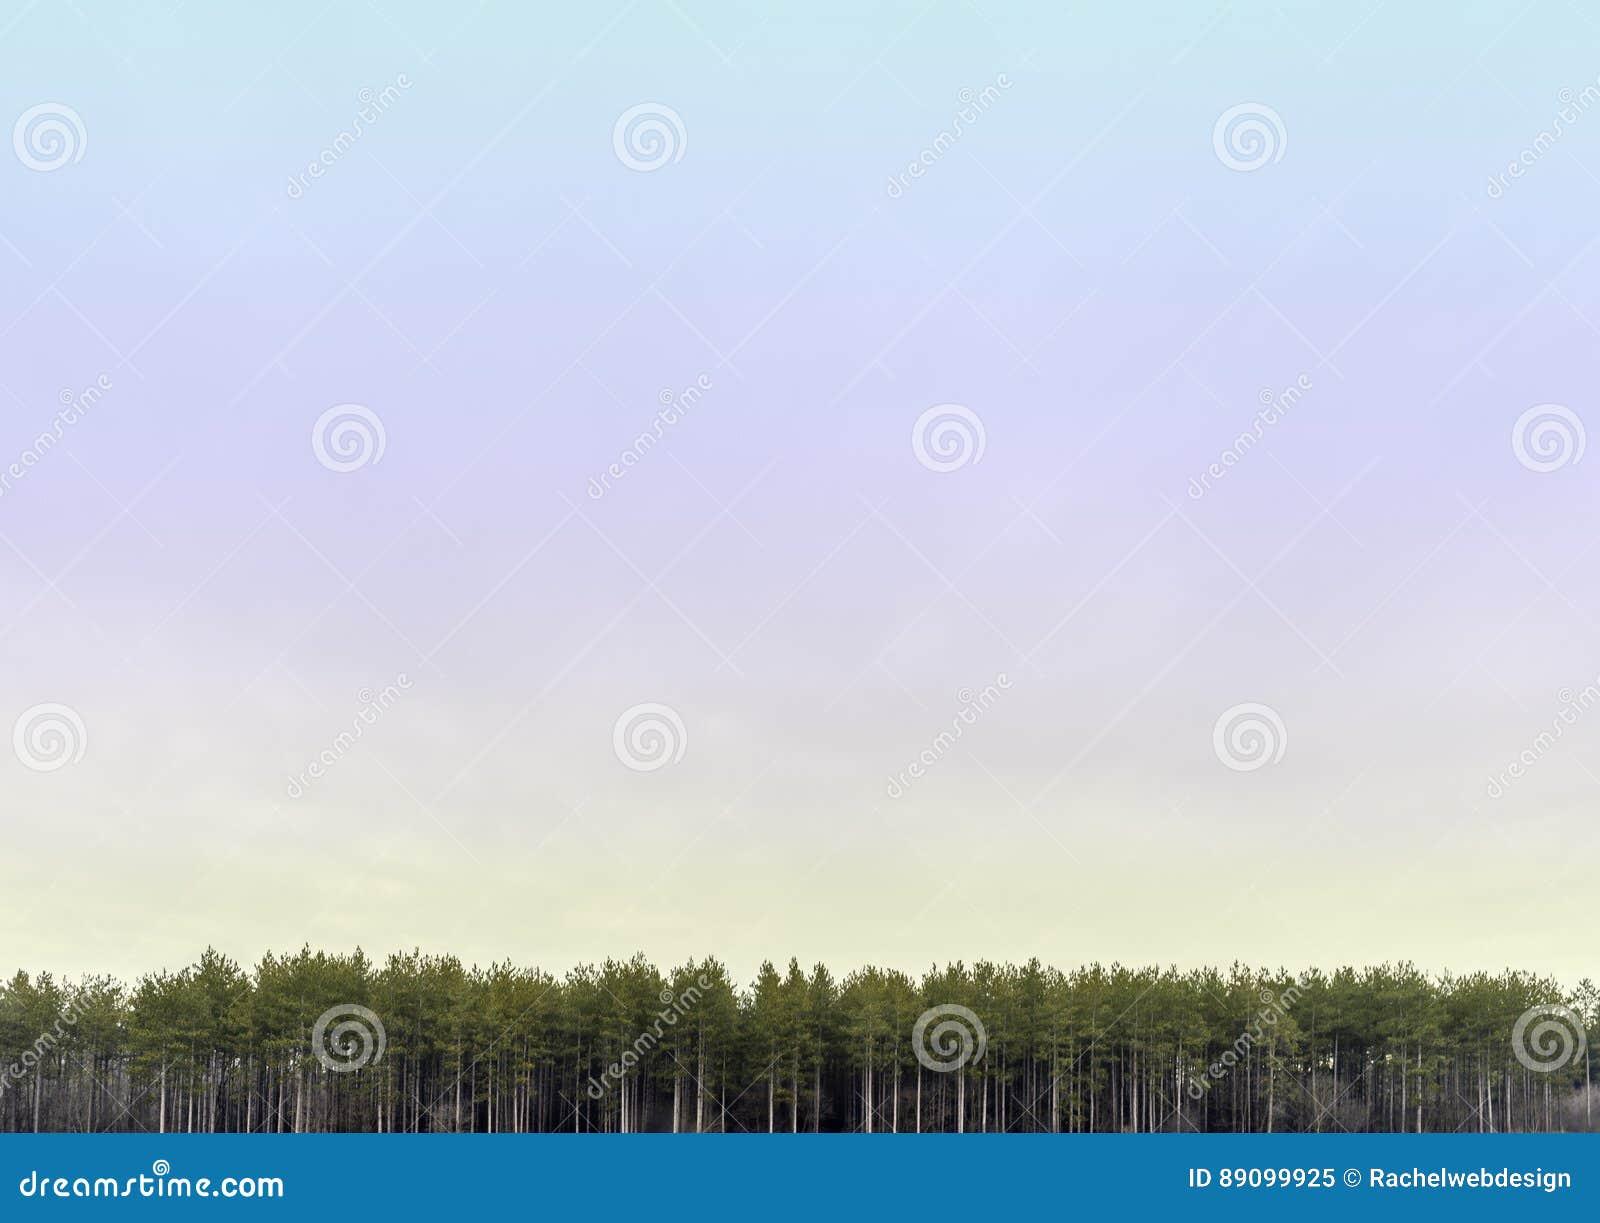 Ευρεία ανοικτή κρητιδογραφία που χρωματίζεται skyscape με τη γραμμή ψηλών δέντρων α πεύκων